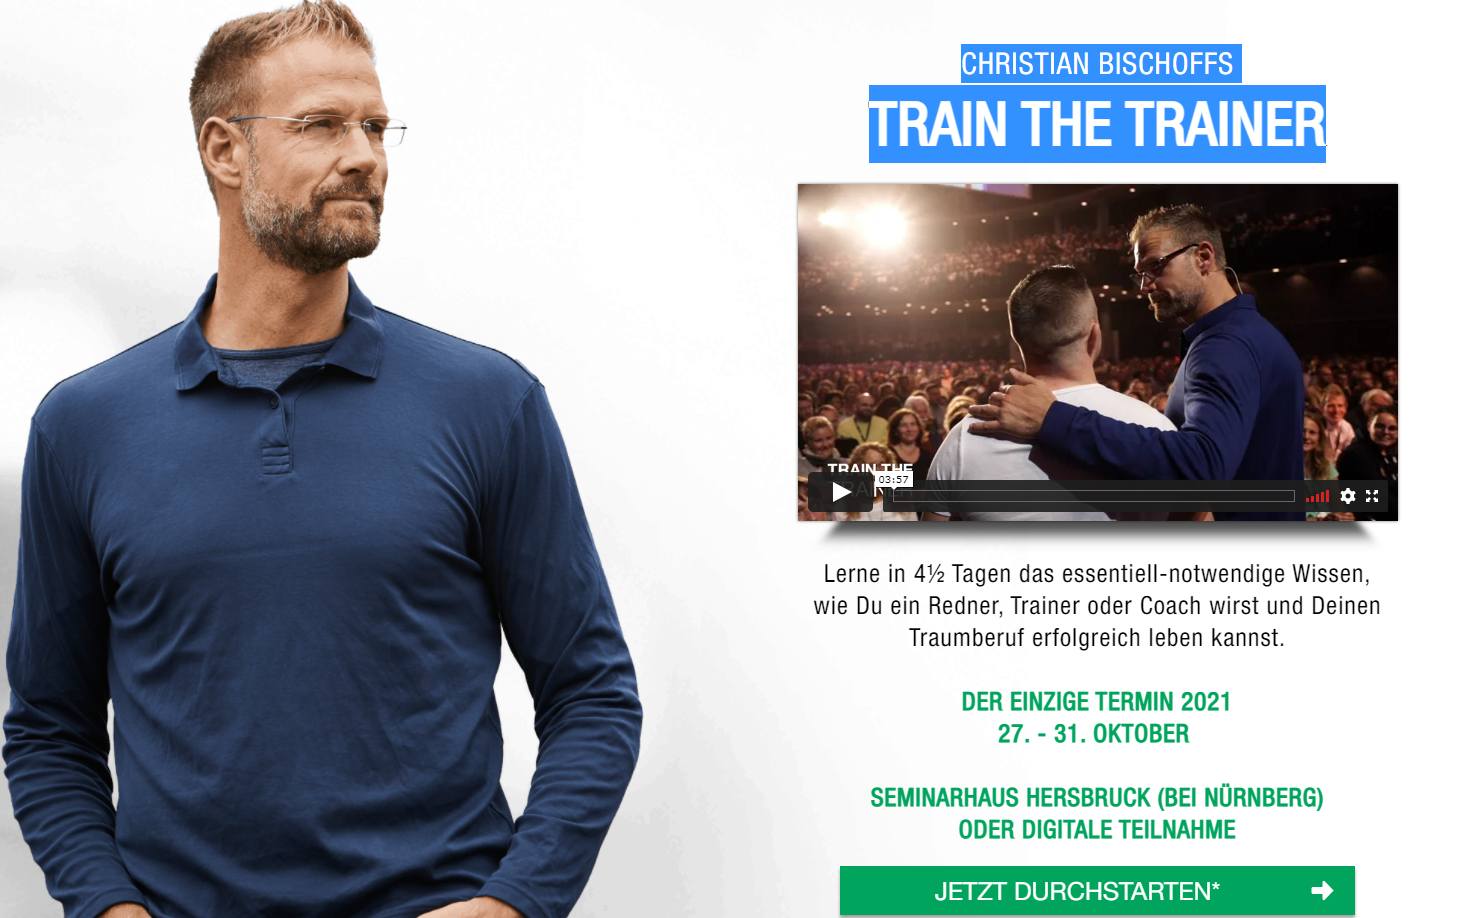 Train The Trainer von Christian Bischoff Event